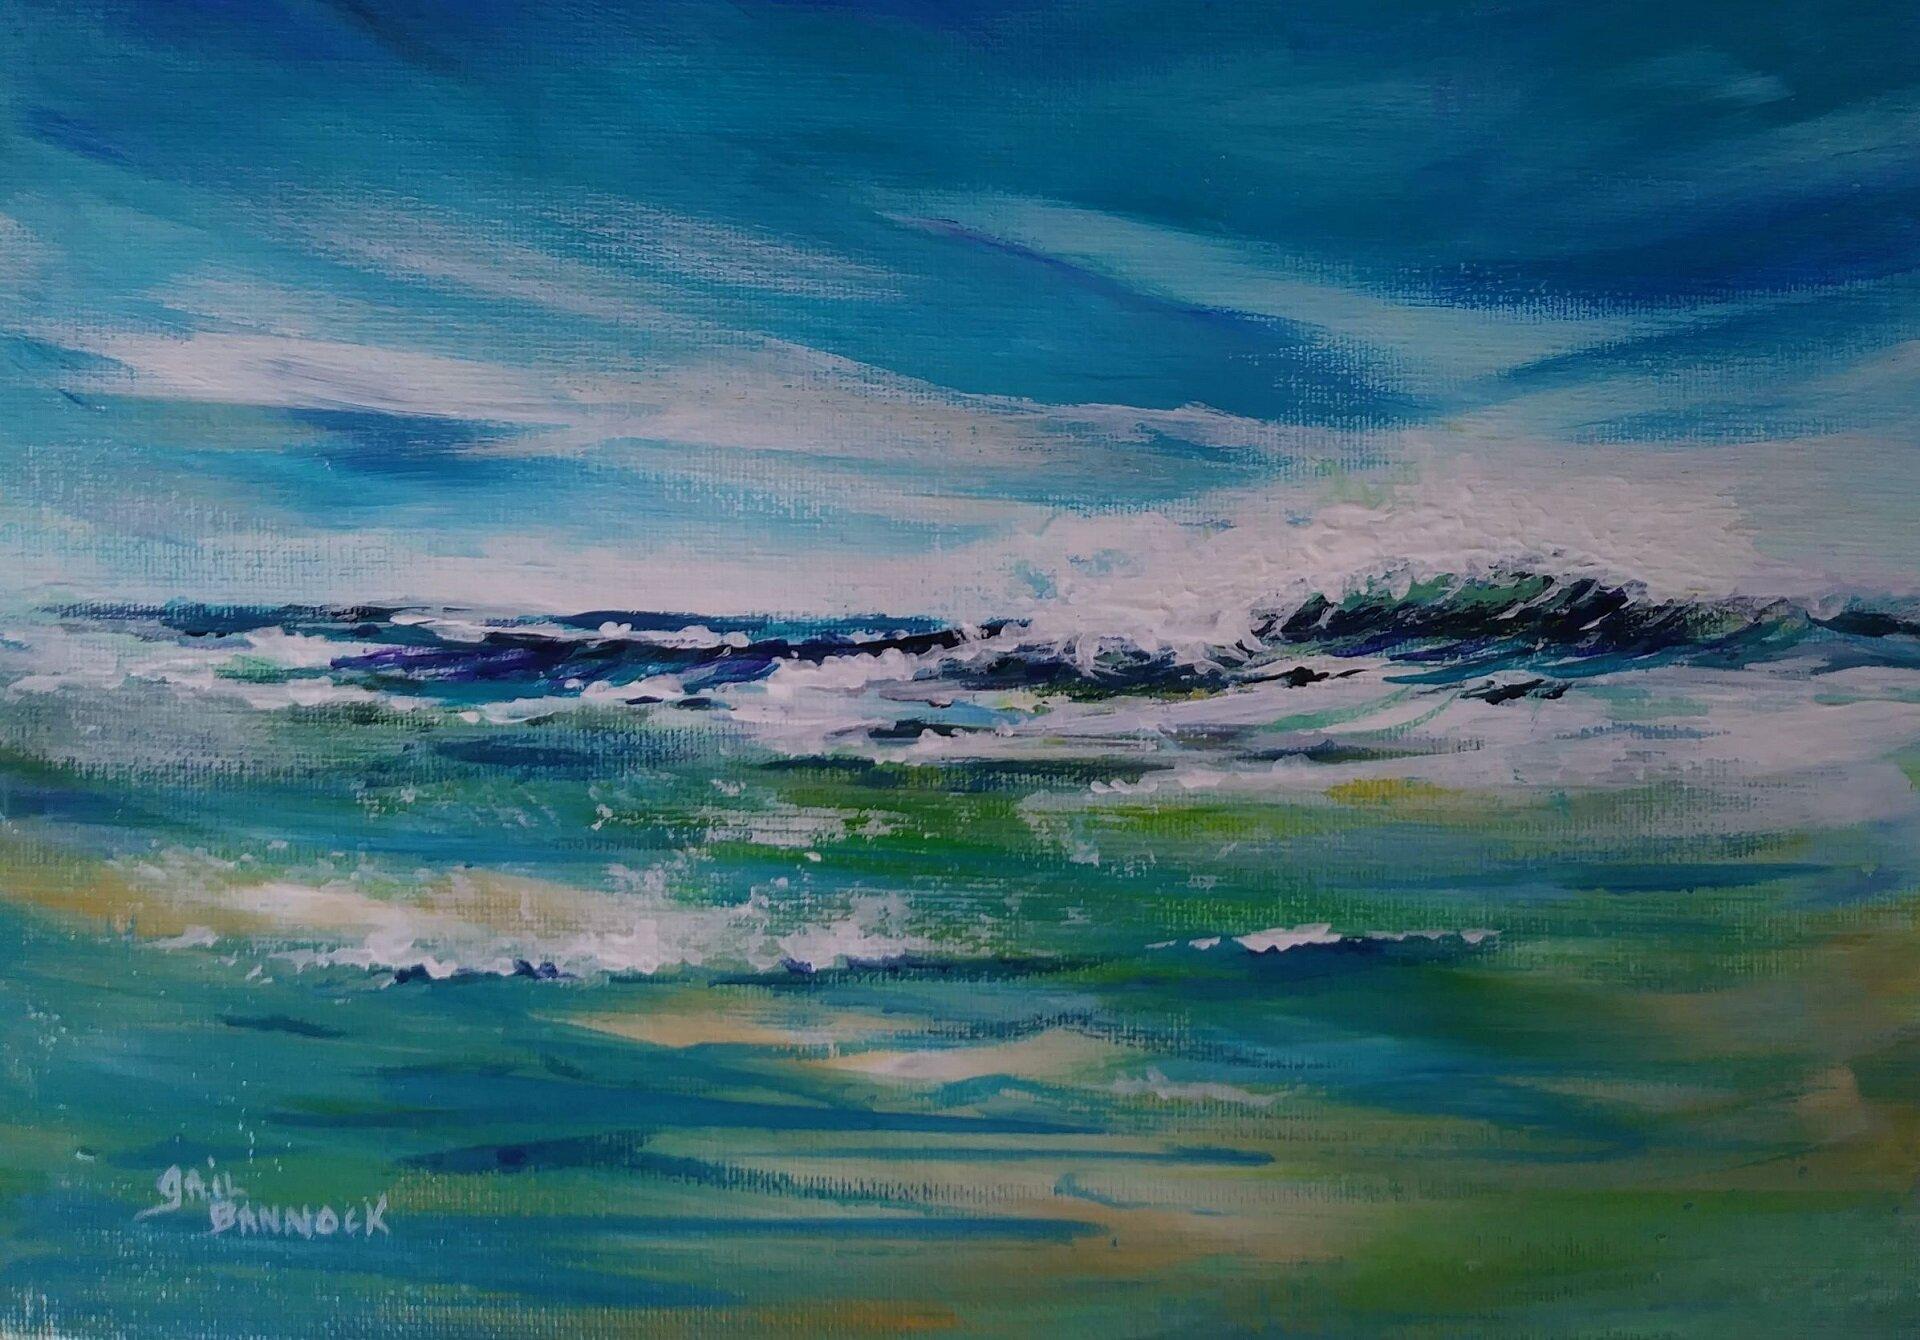 Bannock Gail - Sea of Blues